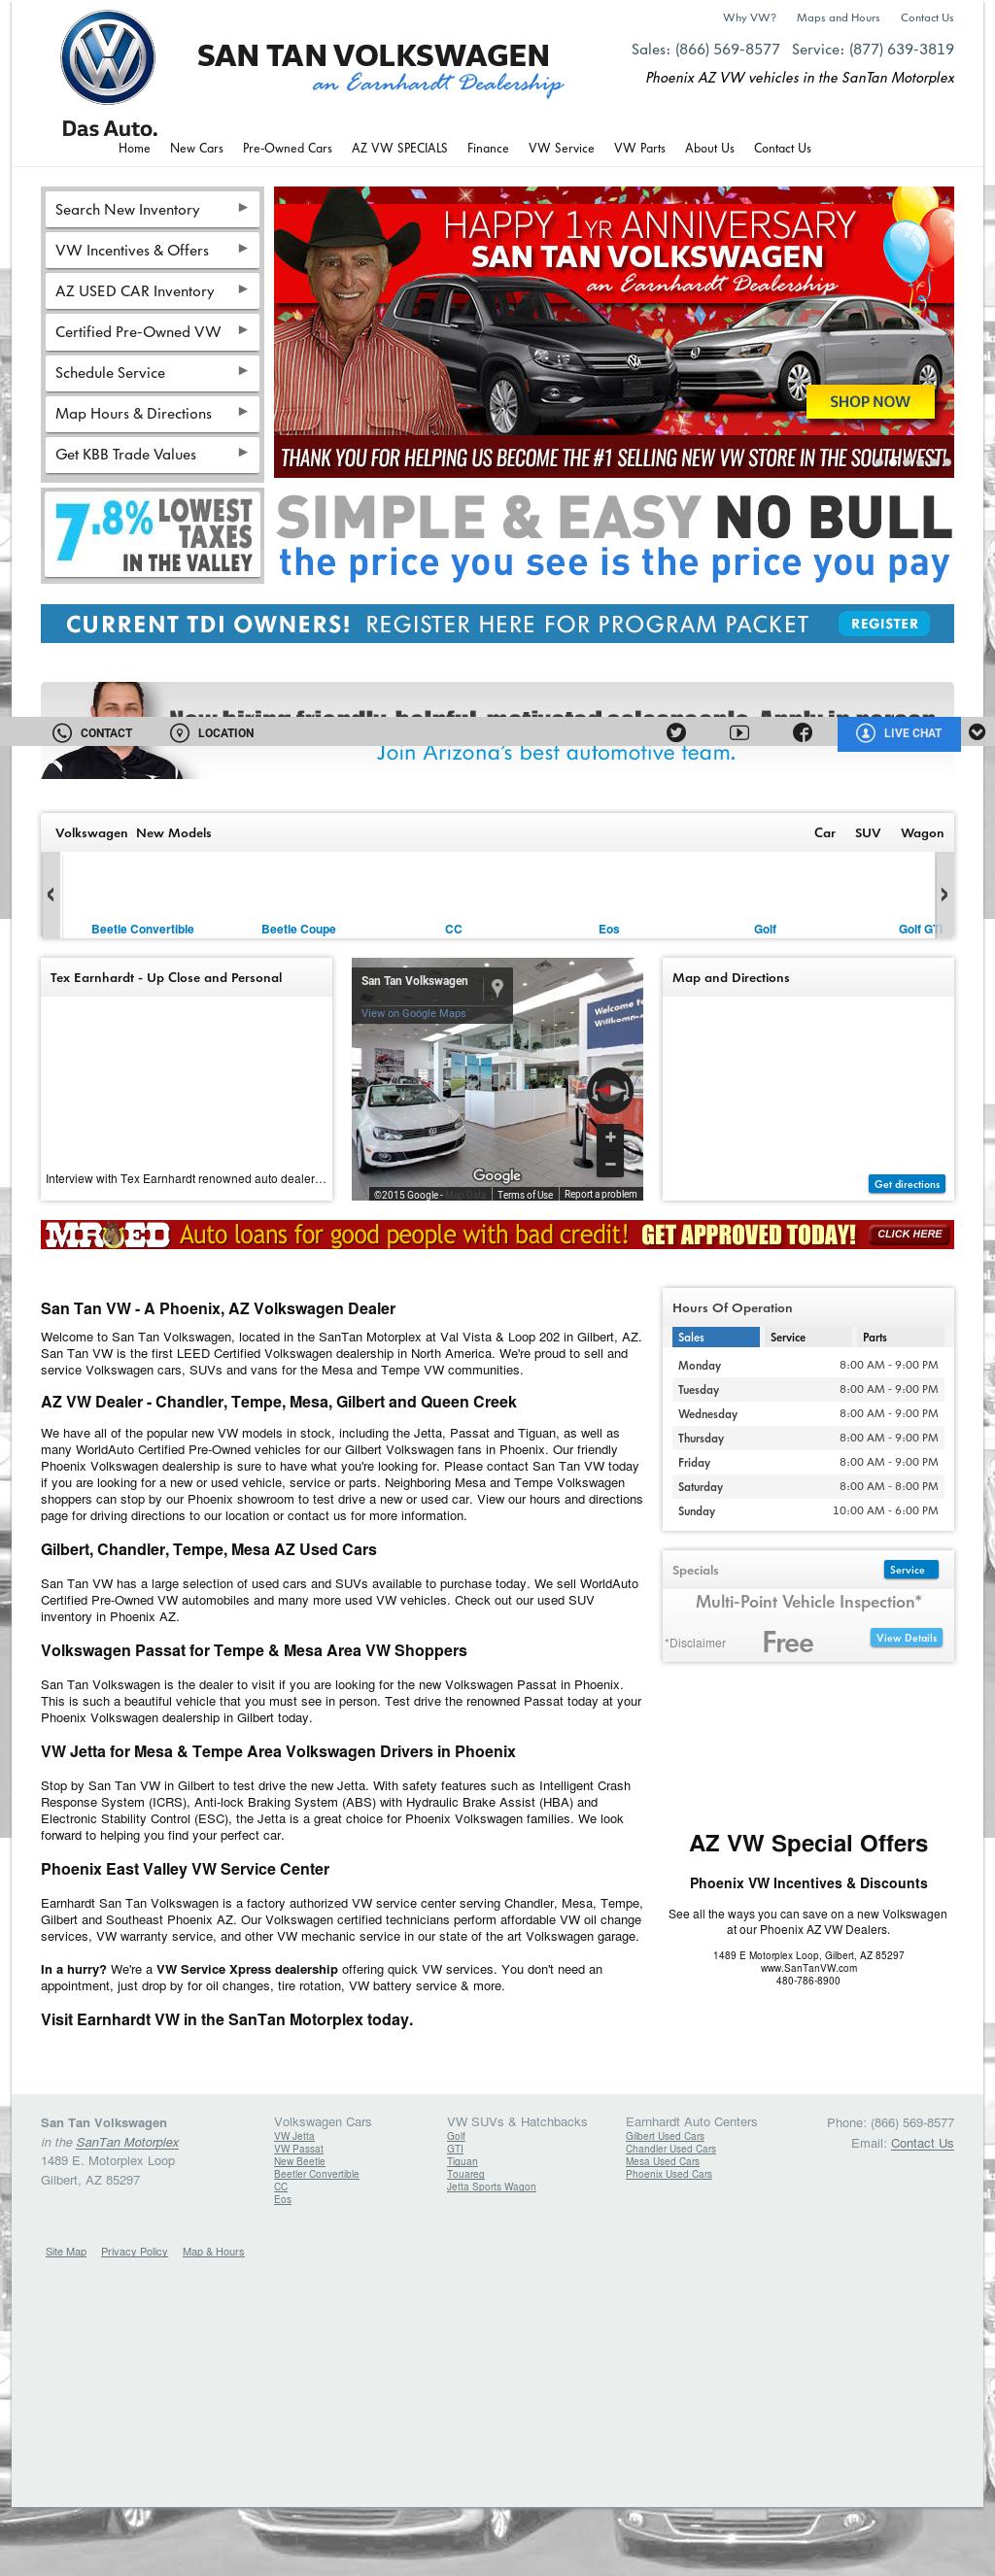 San Tan VW >> San Tan Vw Competitors Revenue And Employees Owler